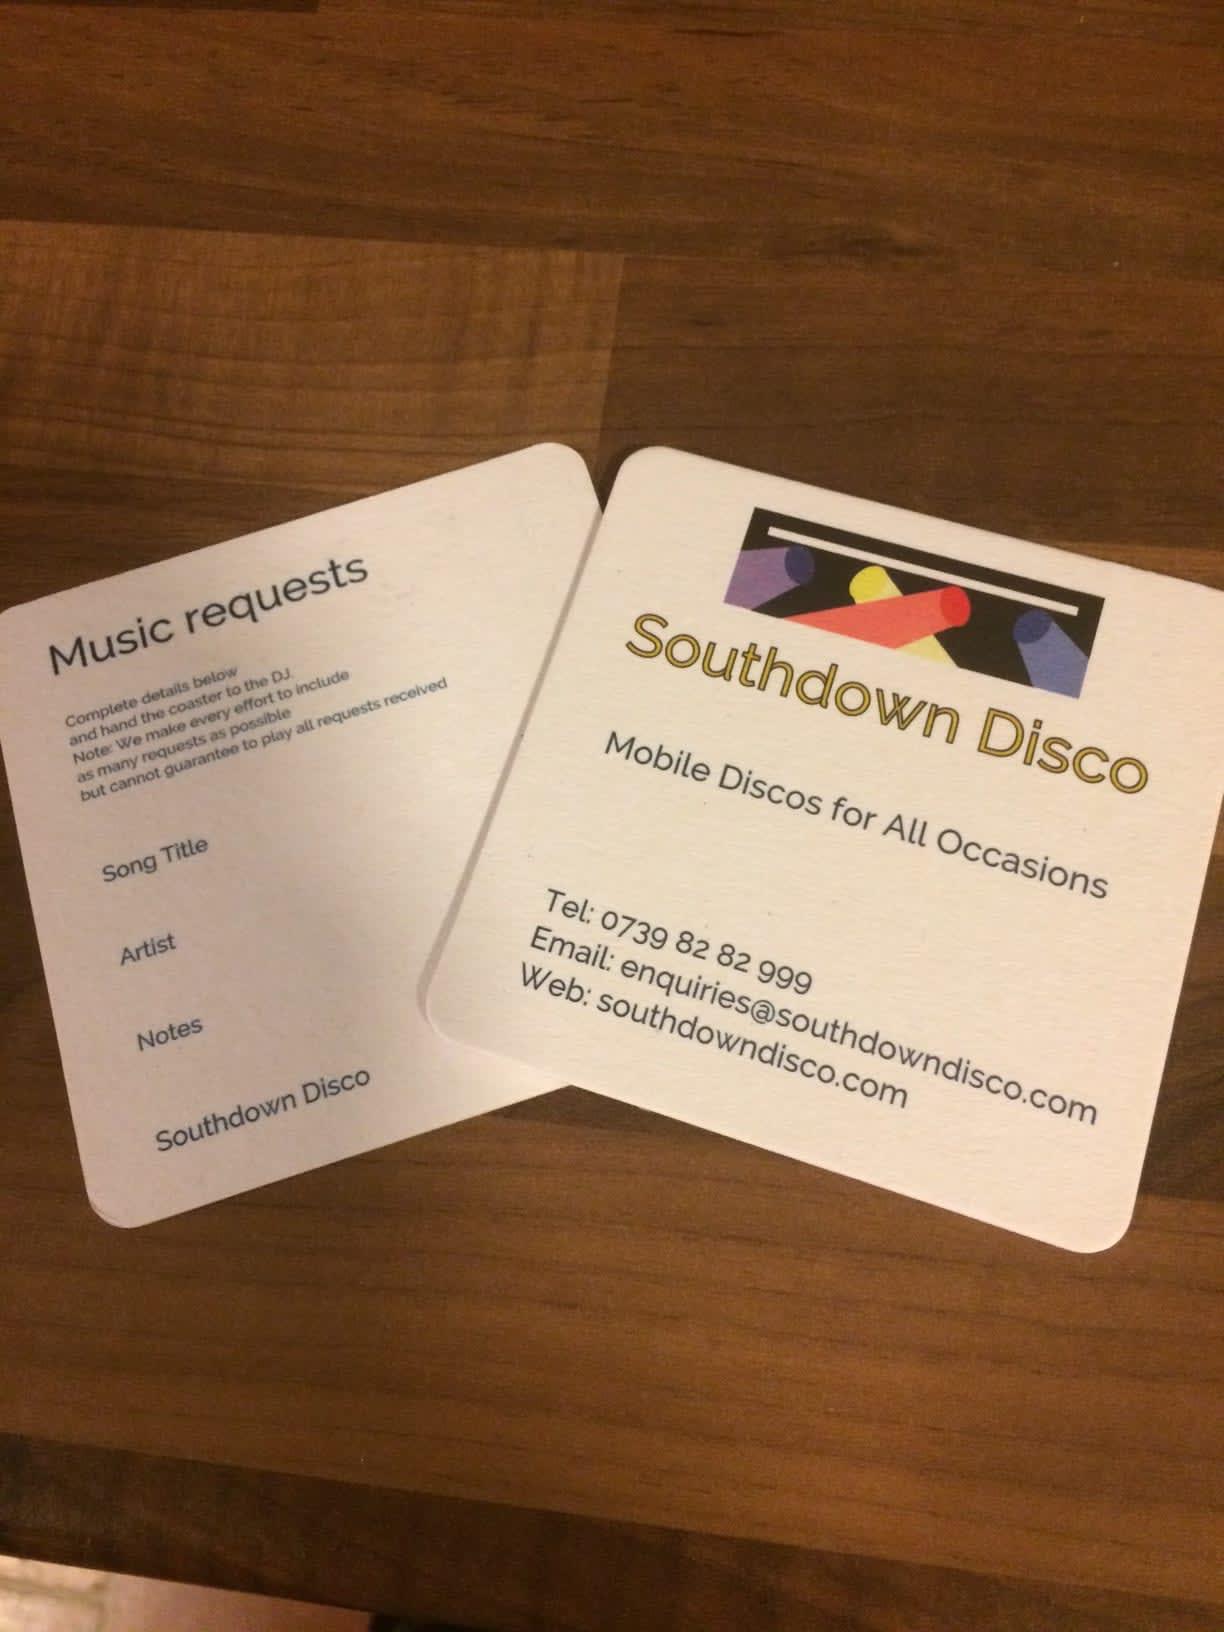 Southdown Disco